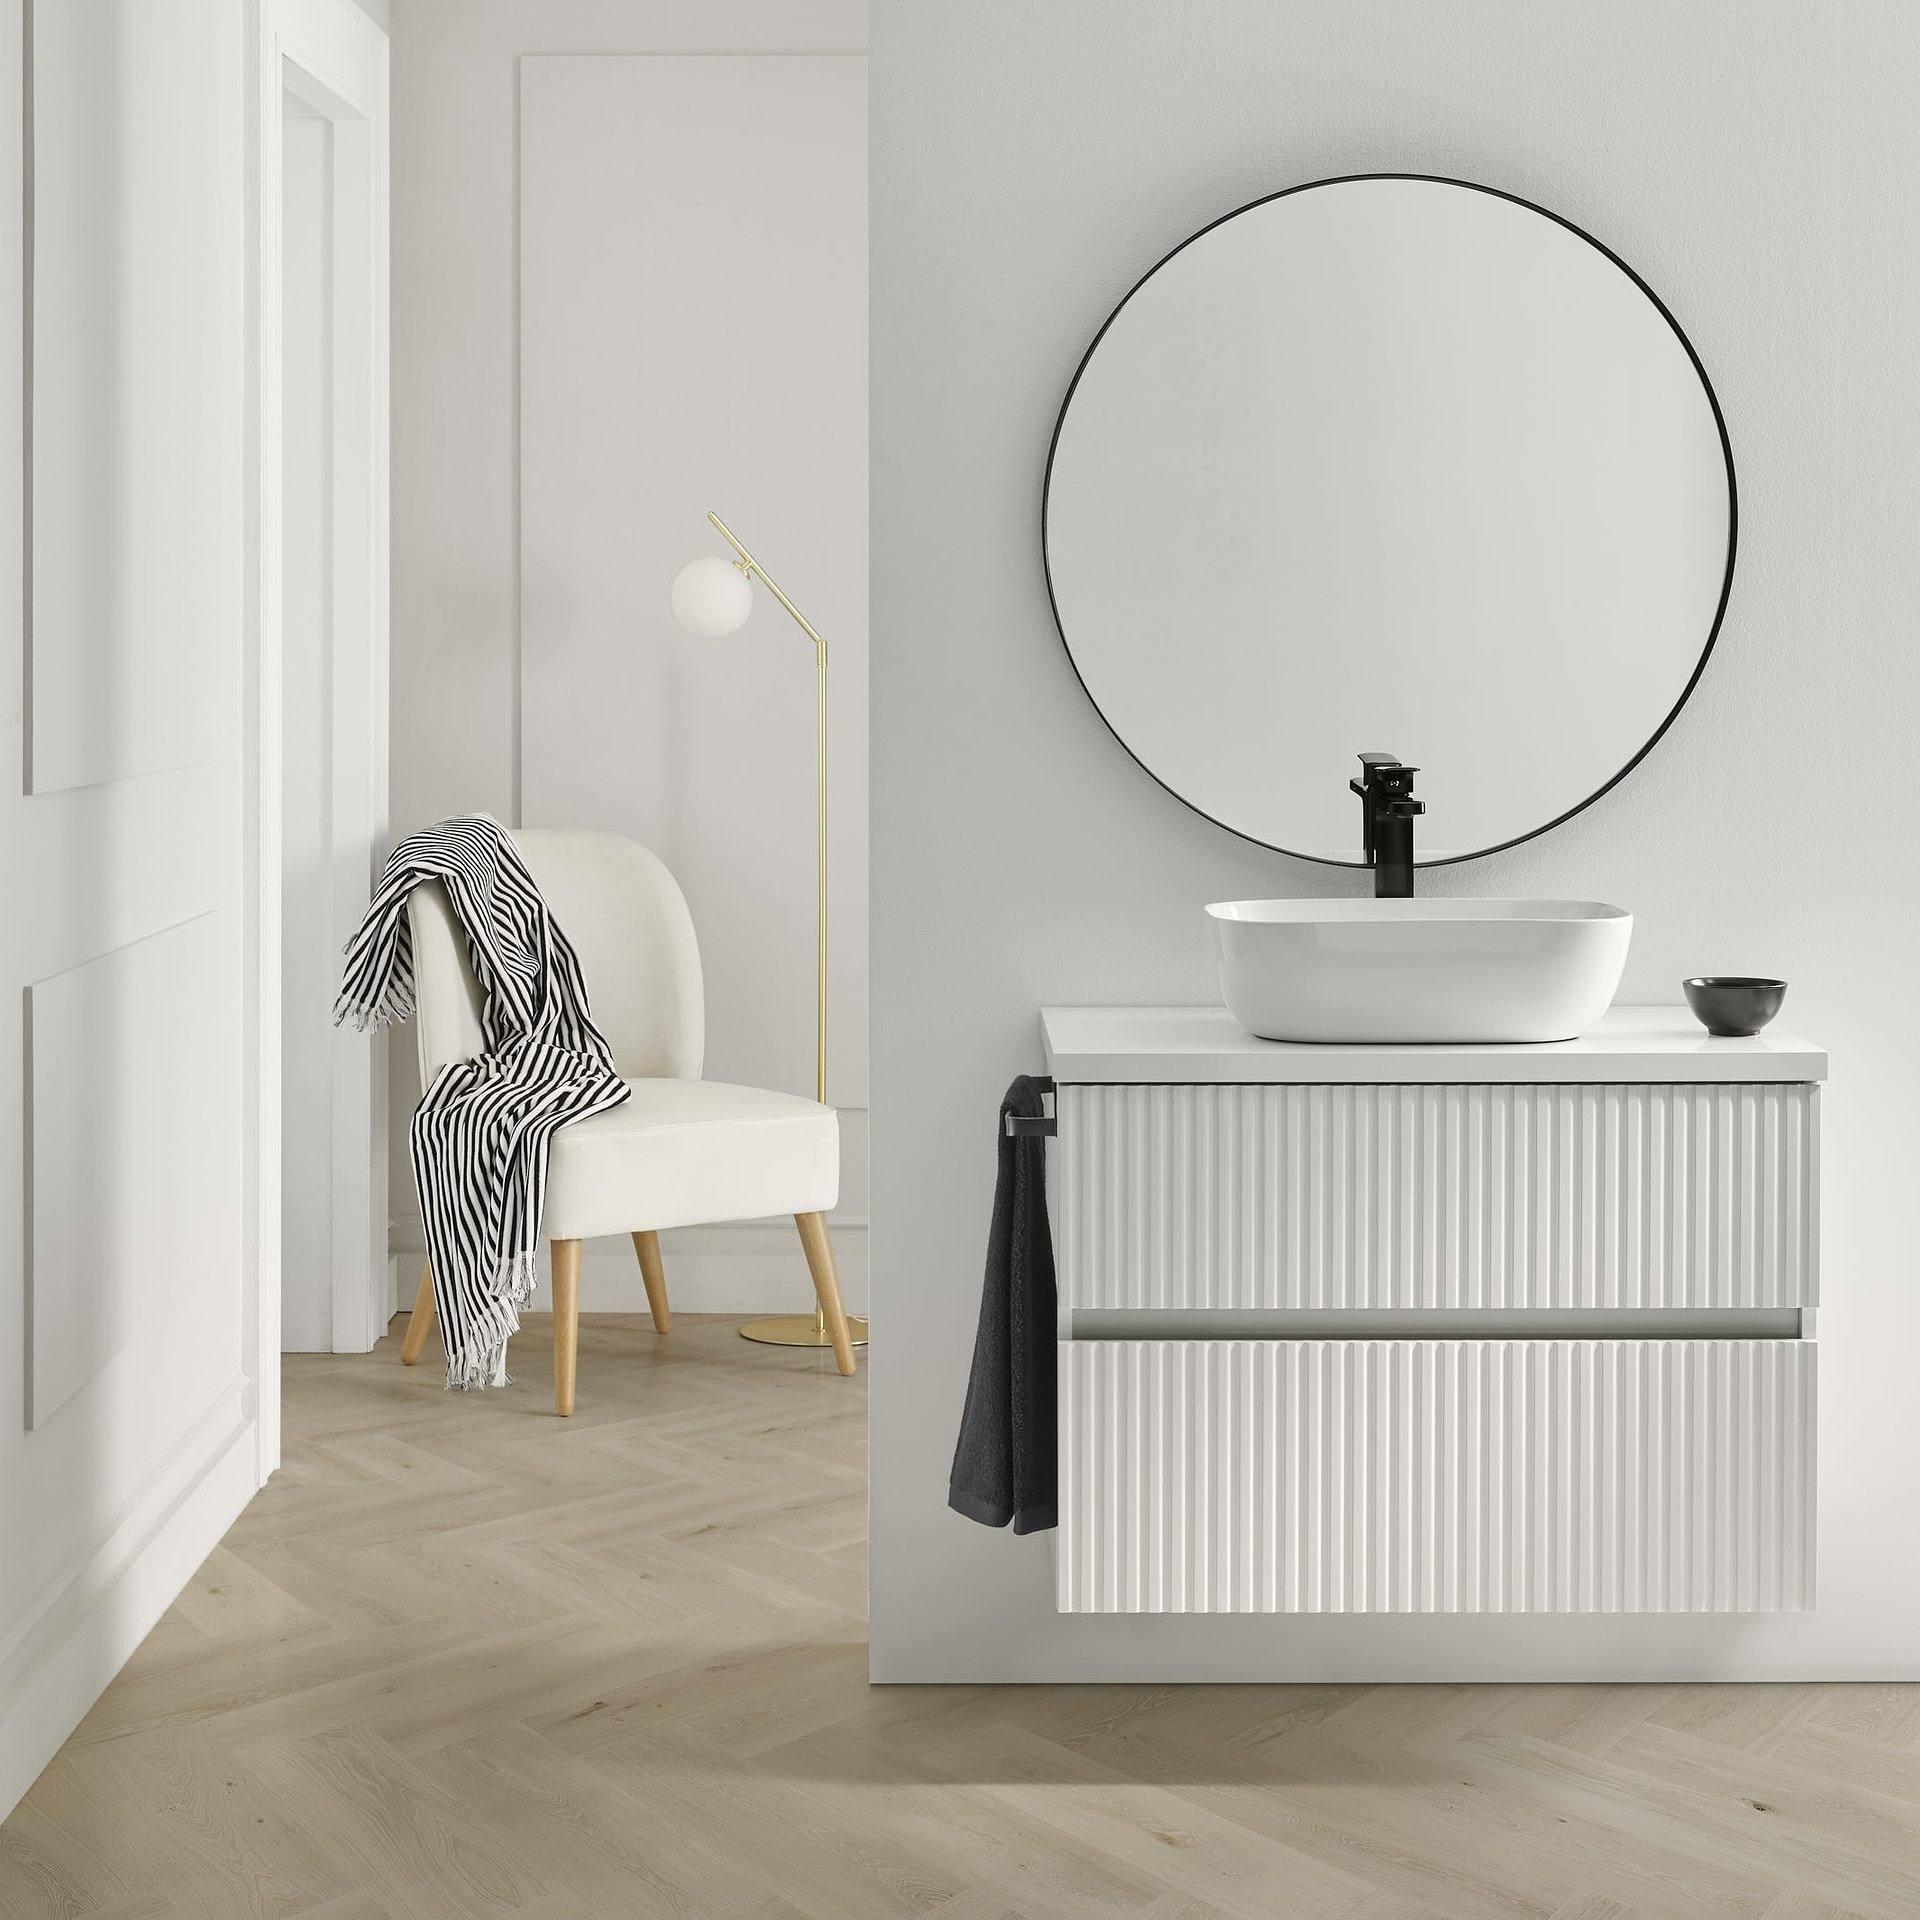 Conjunto mueble de baño de Sanchís Reblock suspendido 2 cajones con encimera de madera y lavabo sobre encimera Hana